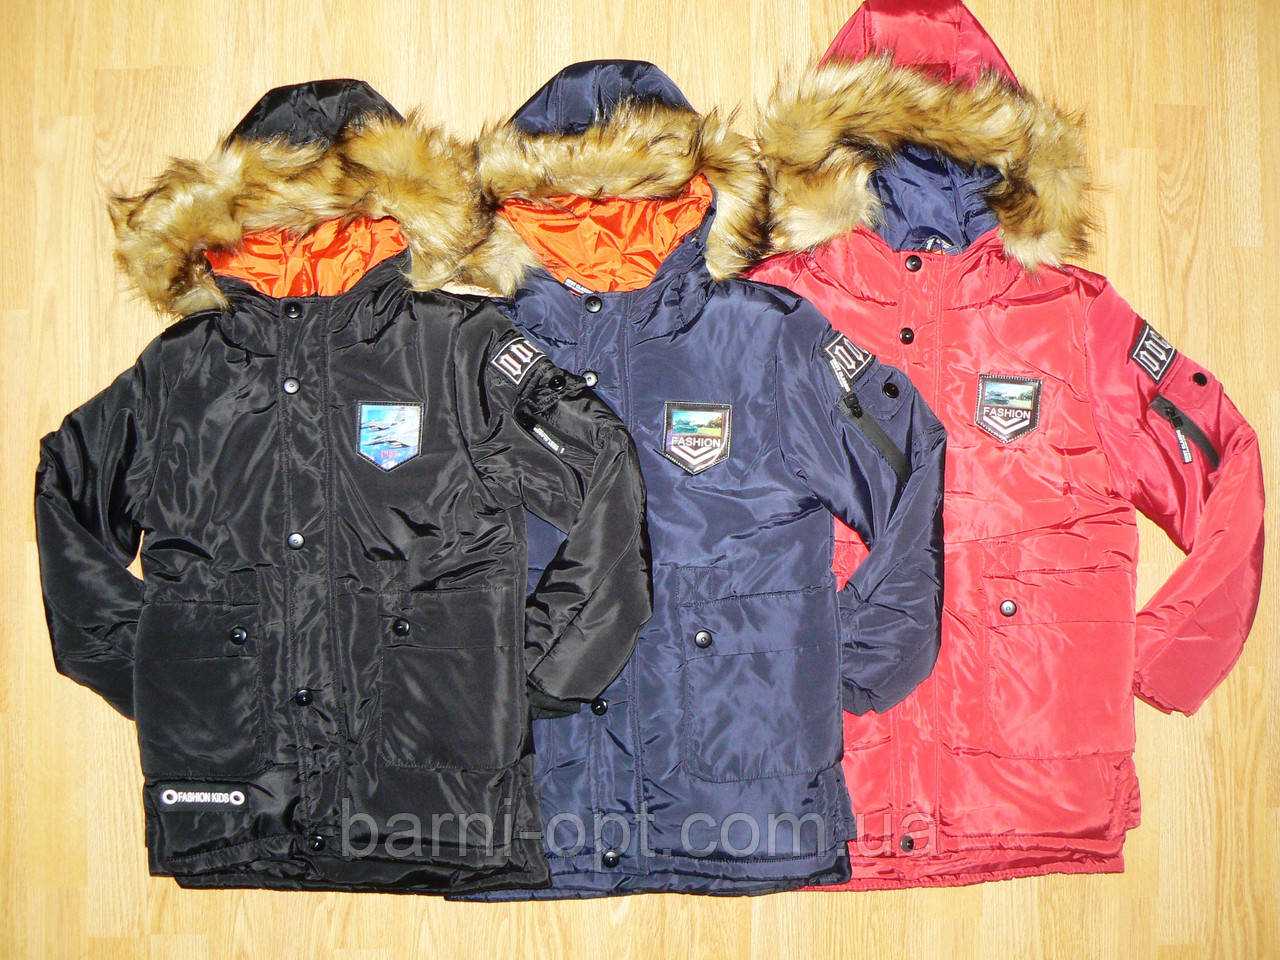 Куртки зимние на меху на мальчика оптом, Grace, 4-12 рр